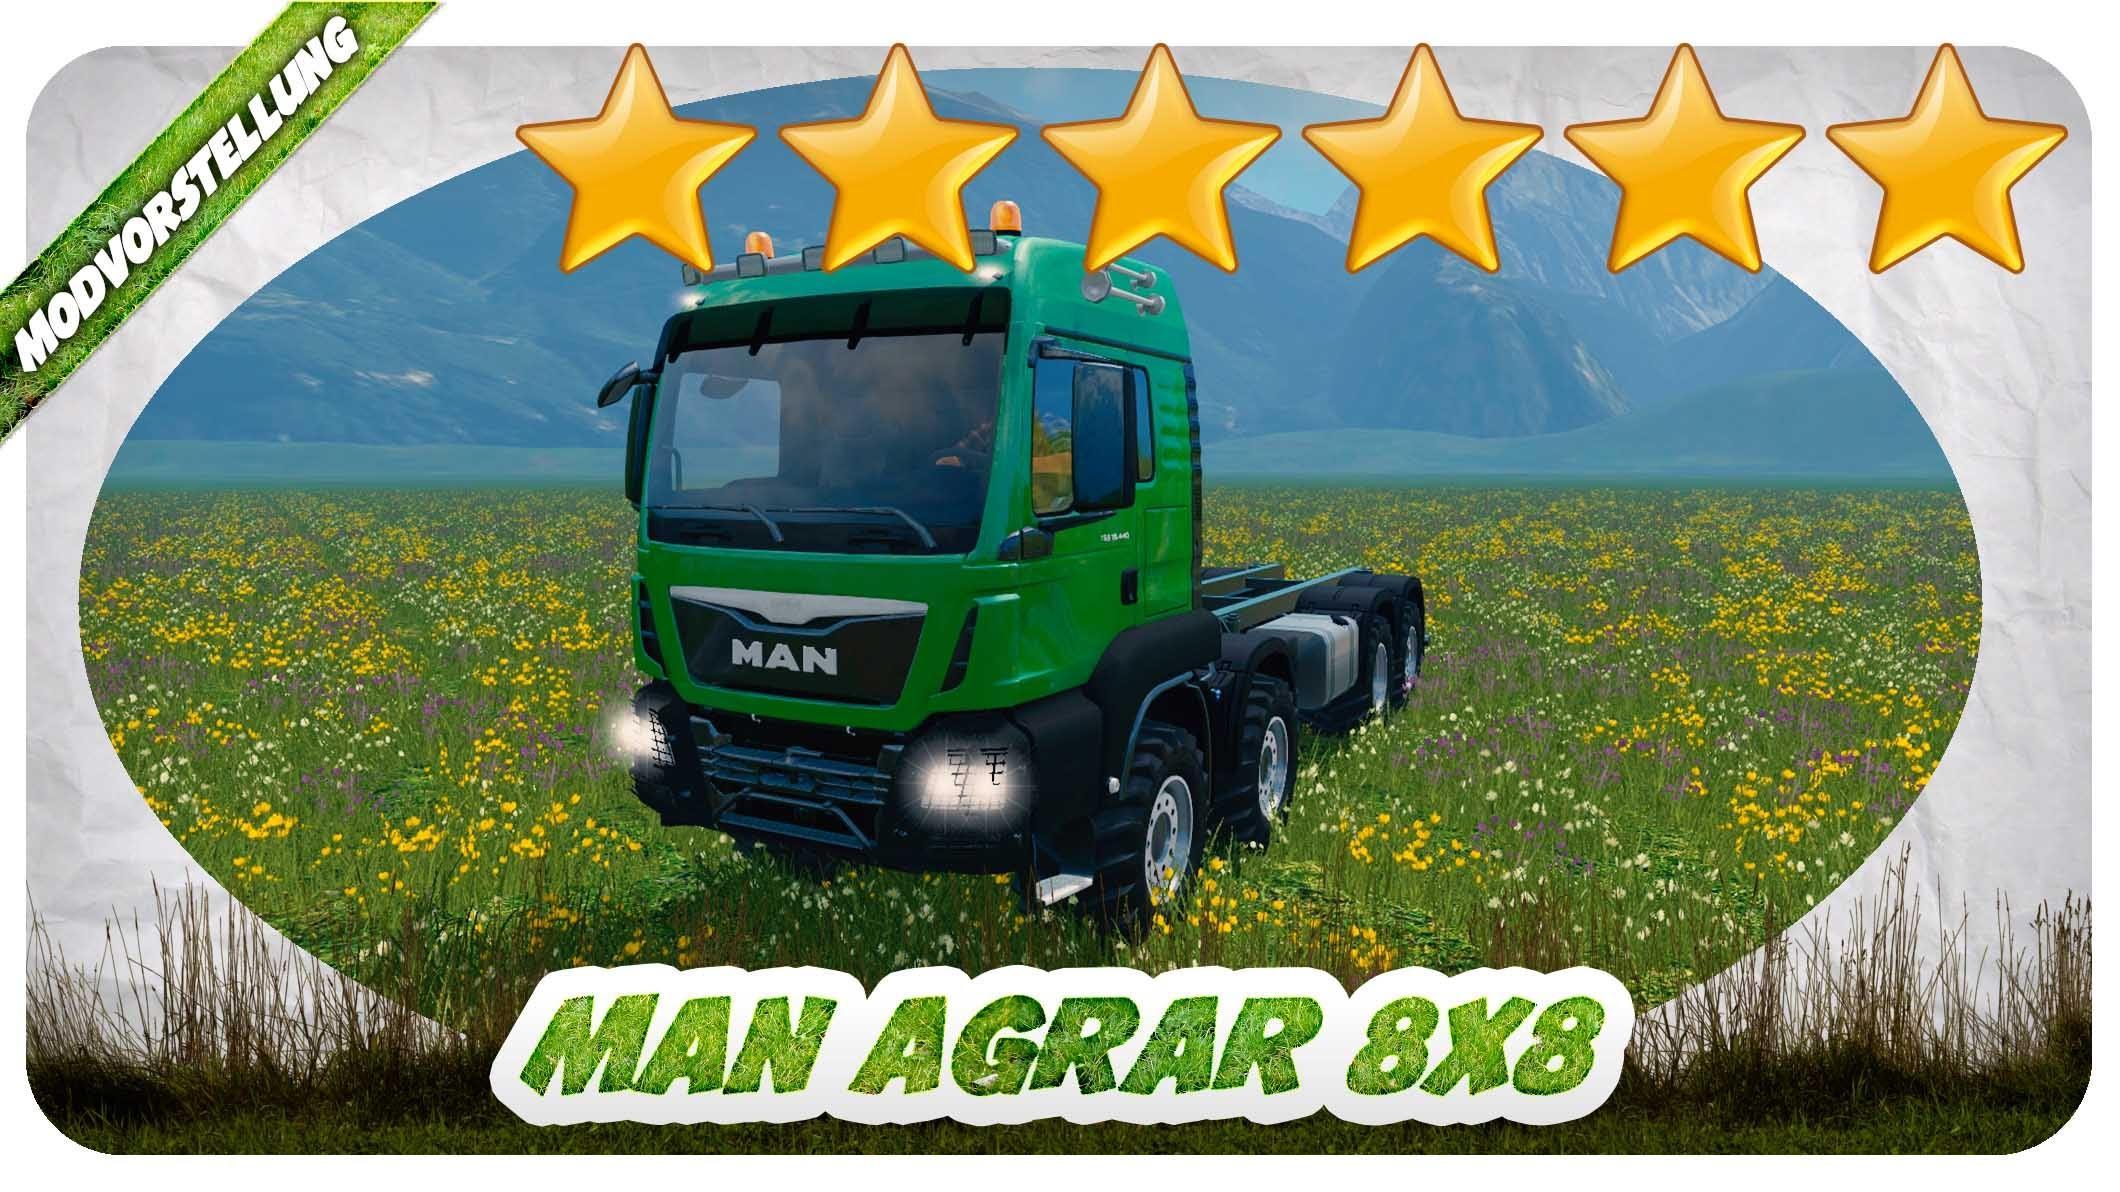 man-agrar-8x8-v5-0_1